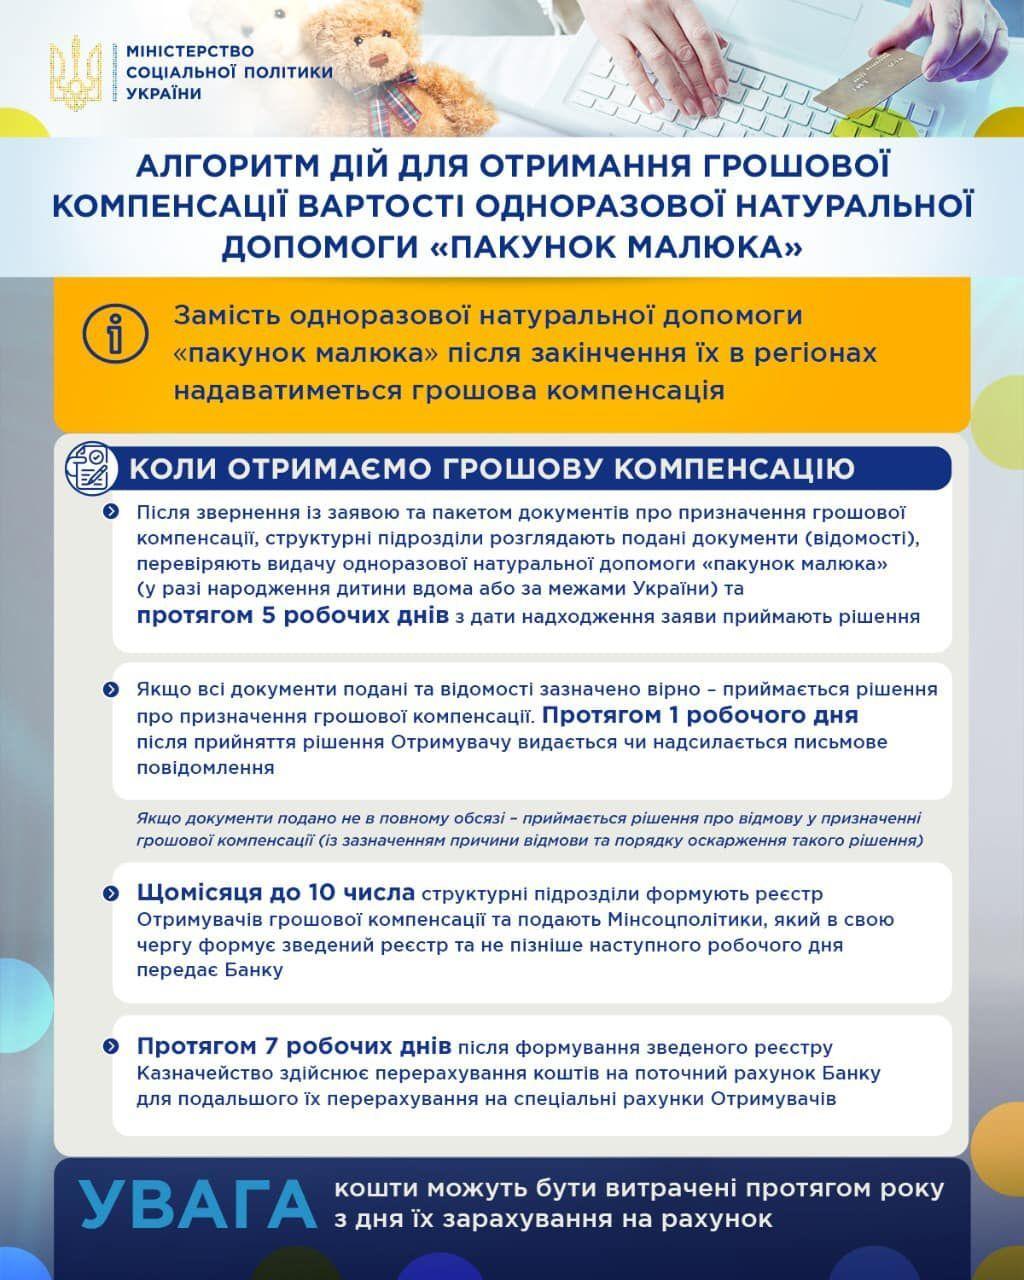 пакунок малюка інфографіка_3